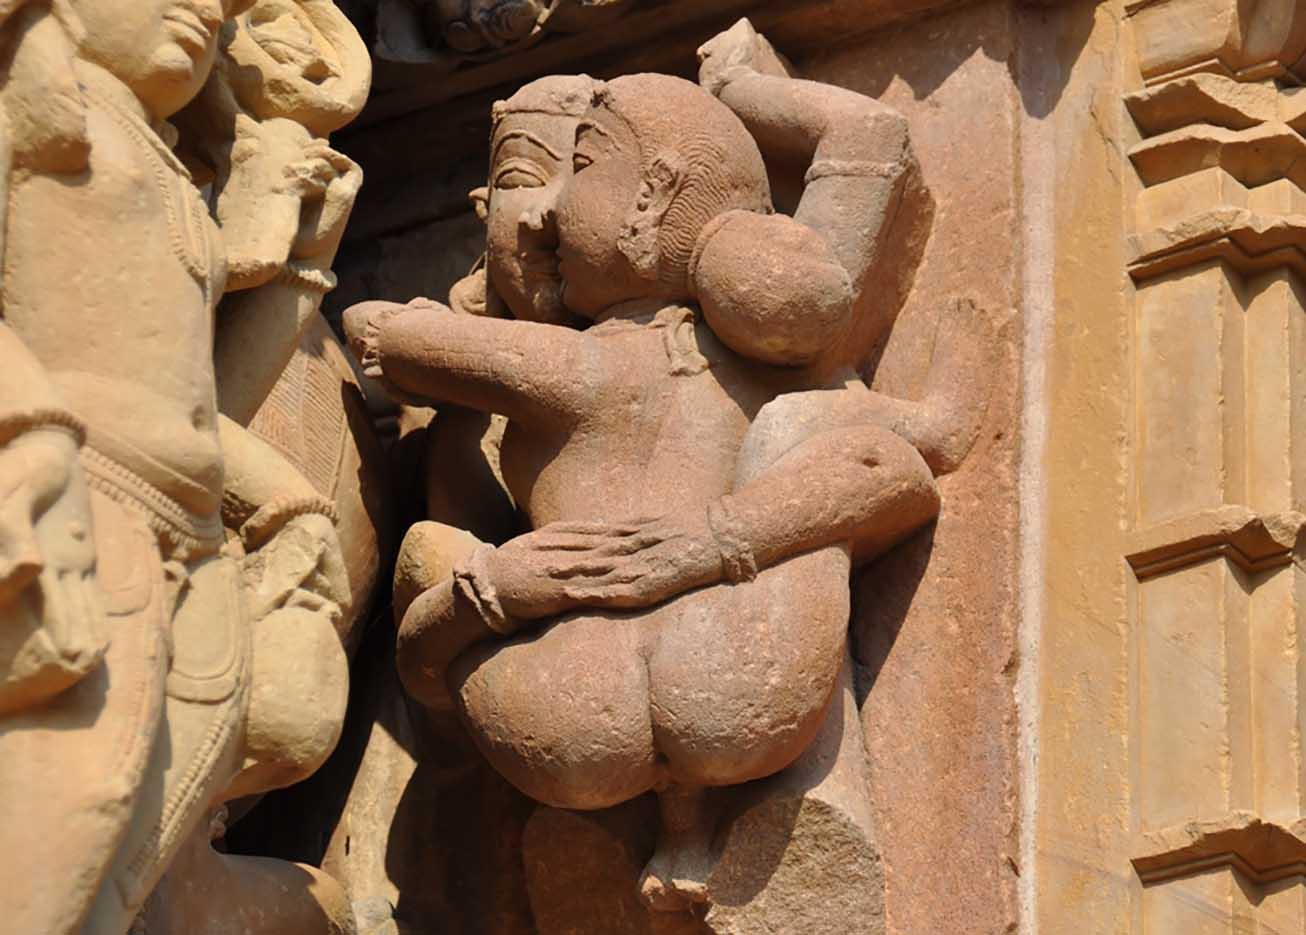 Храмы Кхаджурахо, Khajuraho Temples - 40